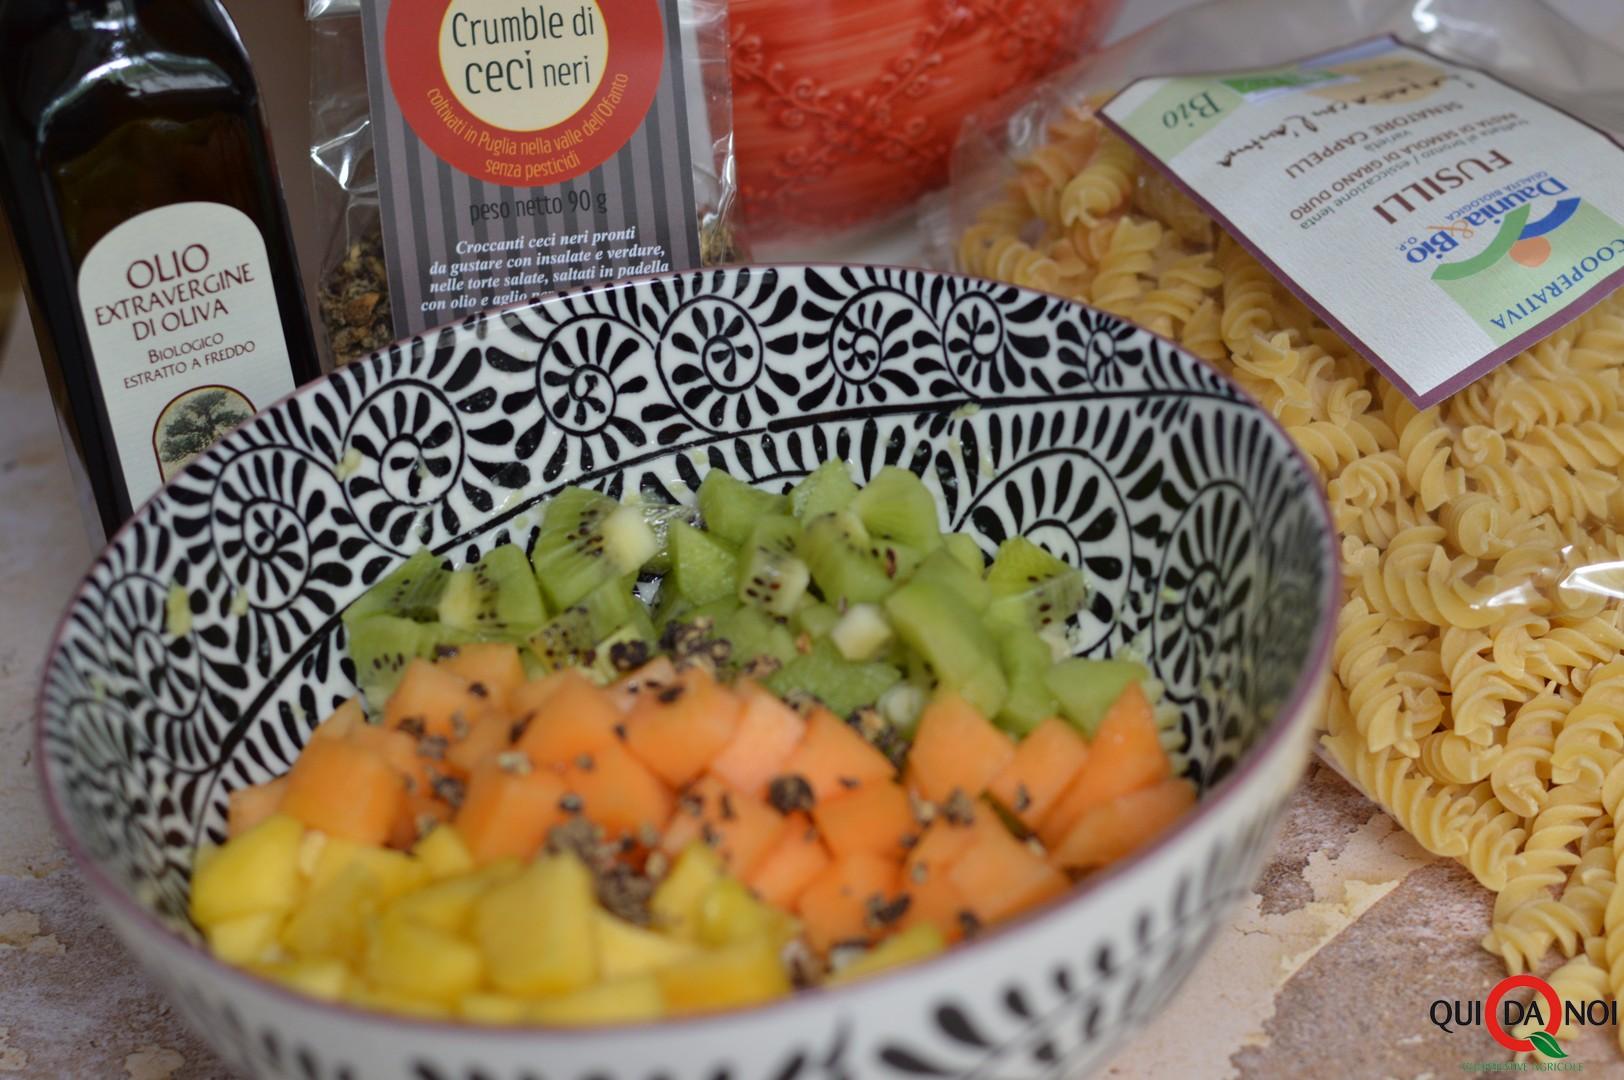 fusilli con crema di avocado, frutta e crumble di ceci neri_monica benedetto (2)